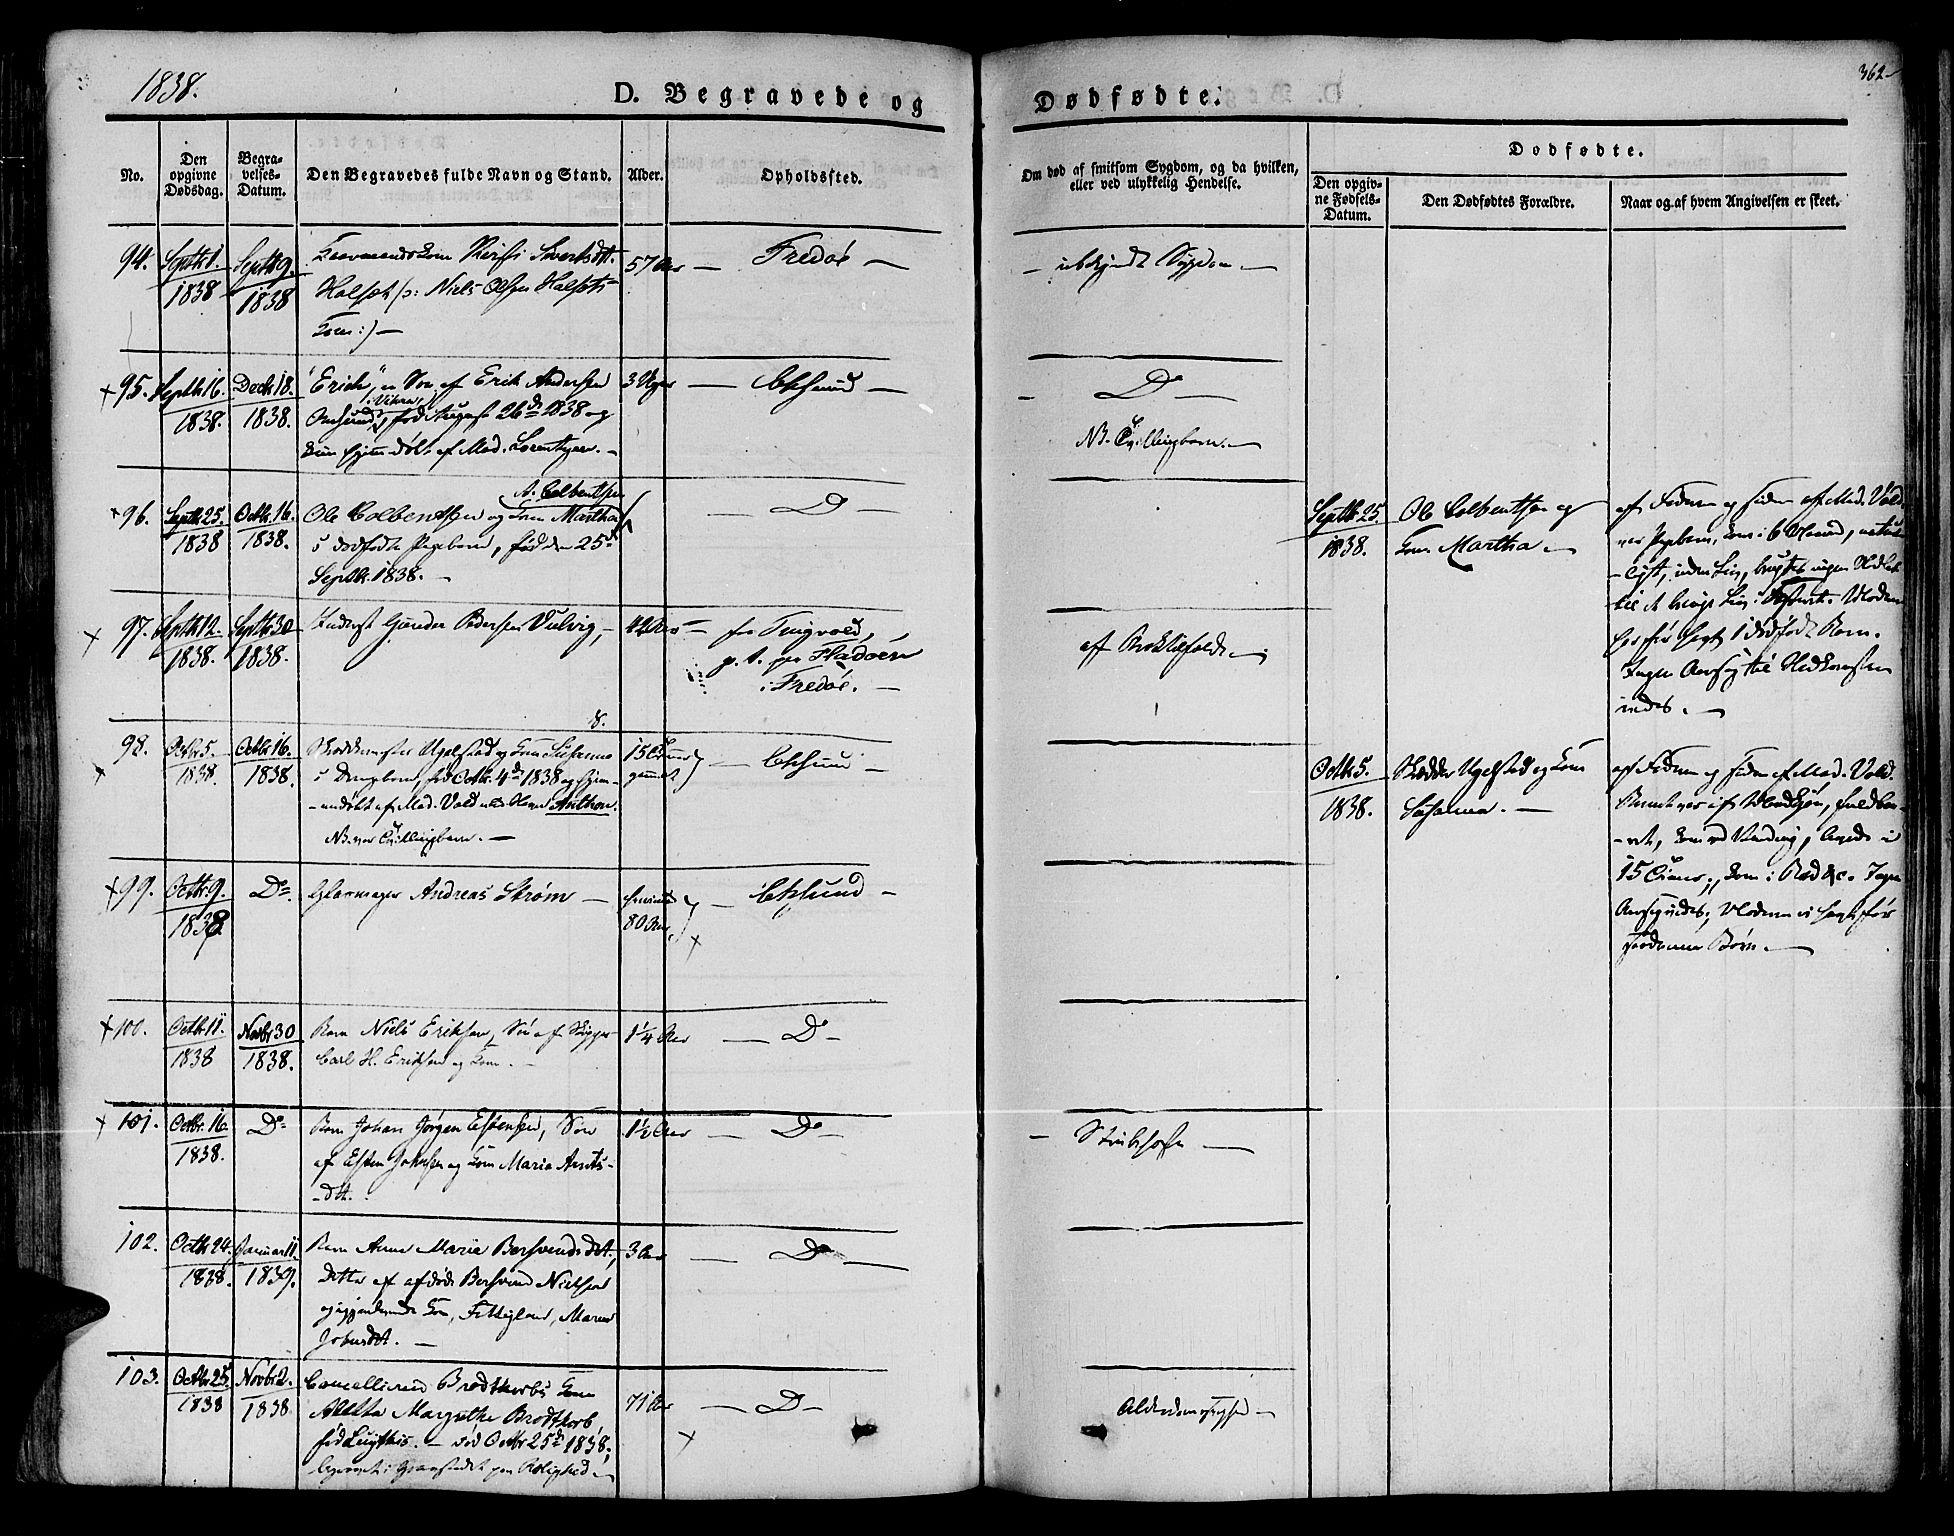 SAT, Ministerialprotokoller, klokkerbøker og fødselsregistre - Møre og Romsdal, 572/L0843: Ministerialbok nr. 572A06, 1832-1842, s. 362